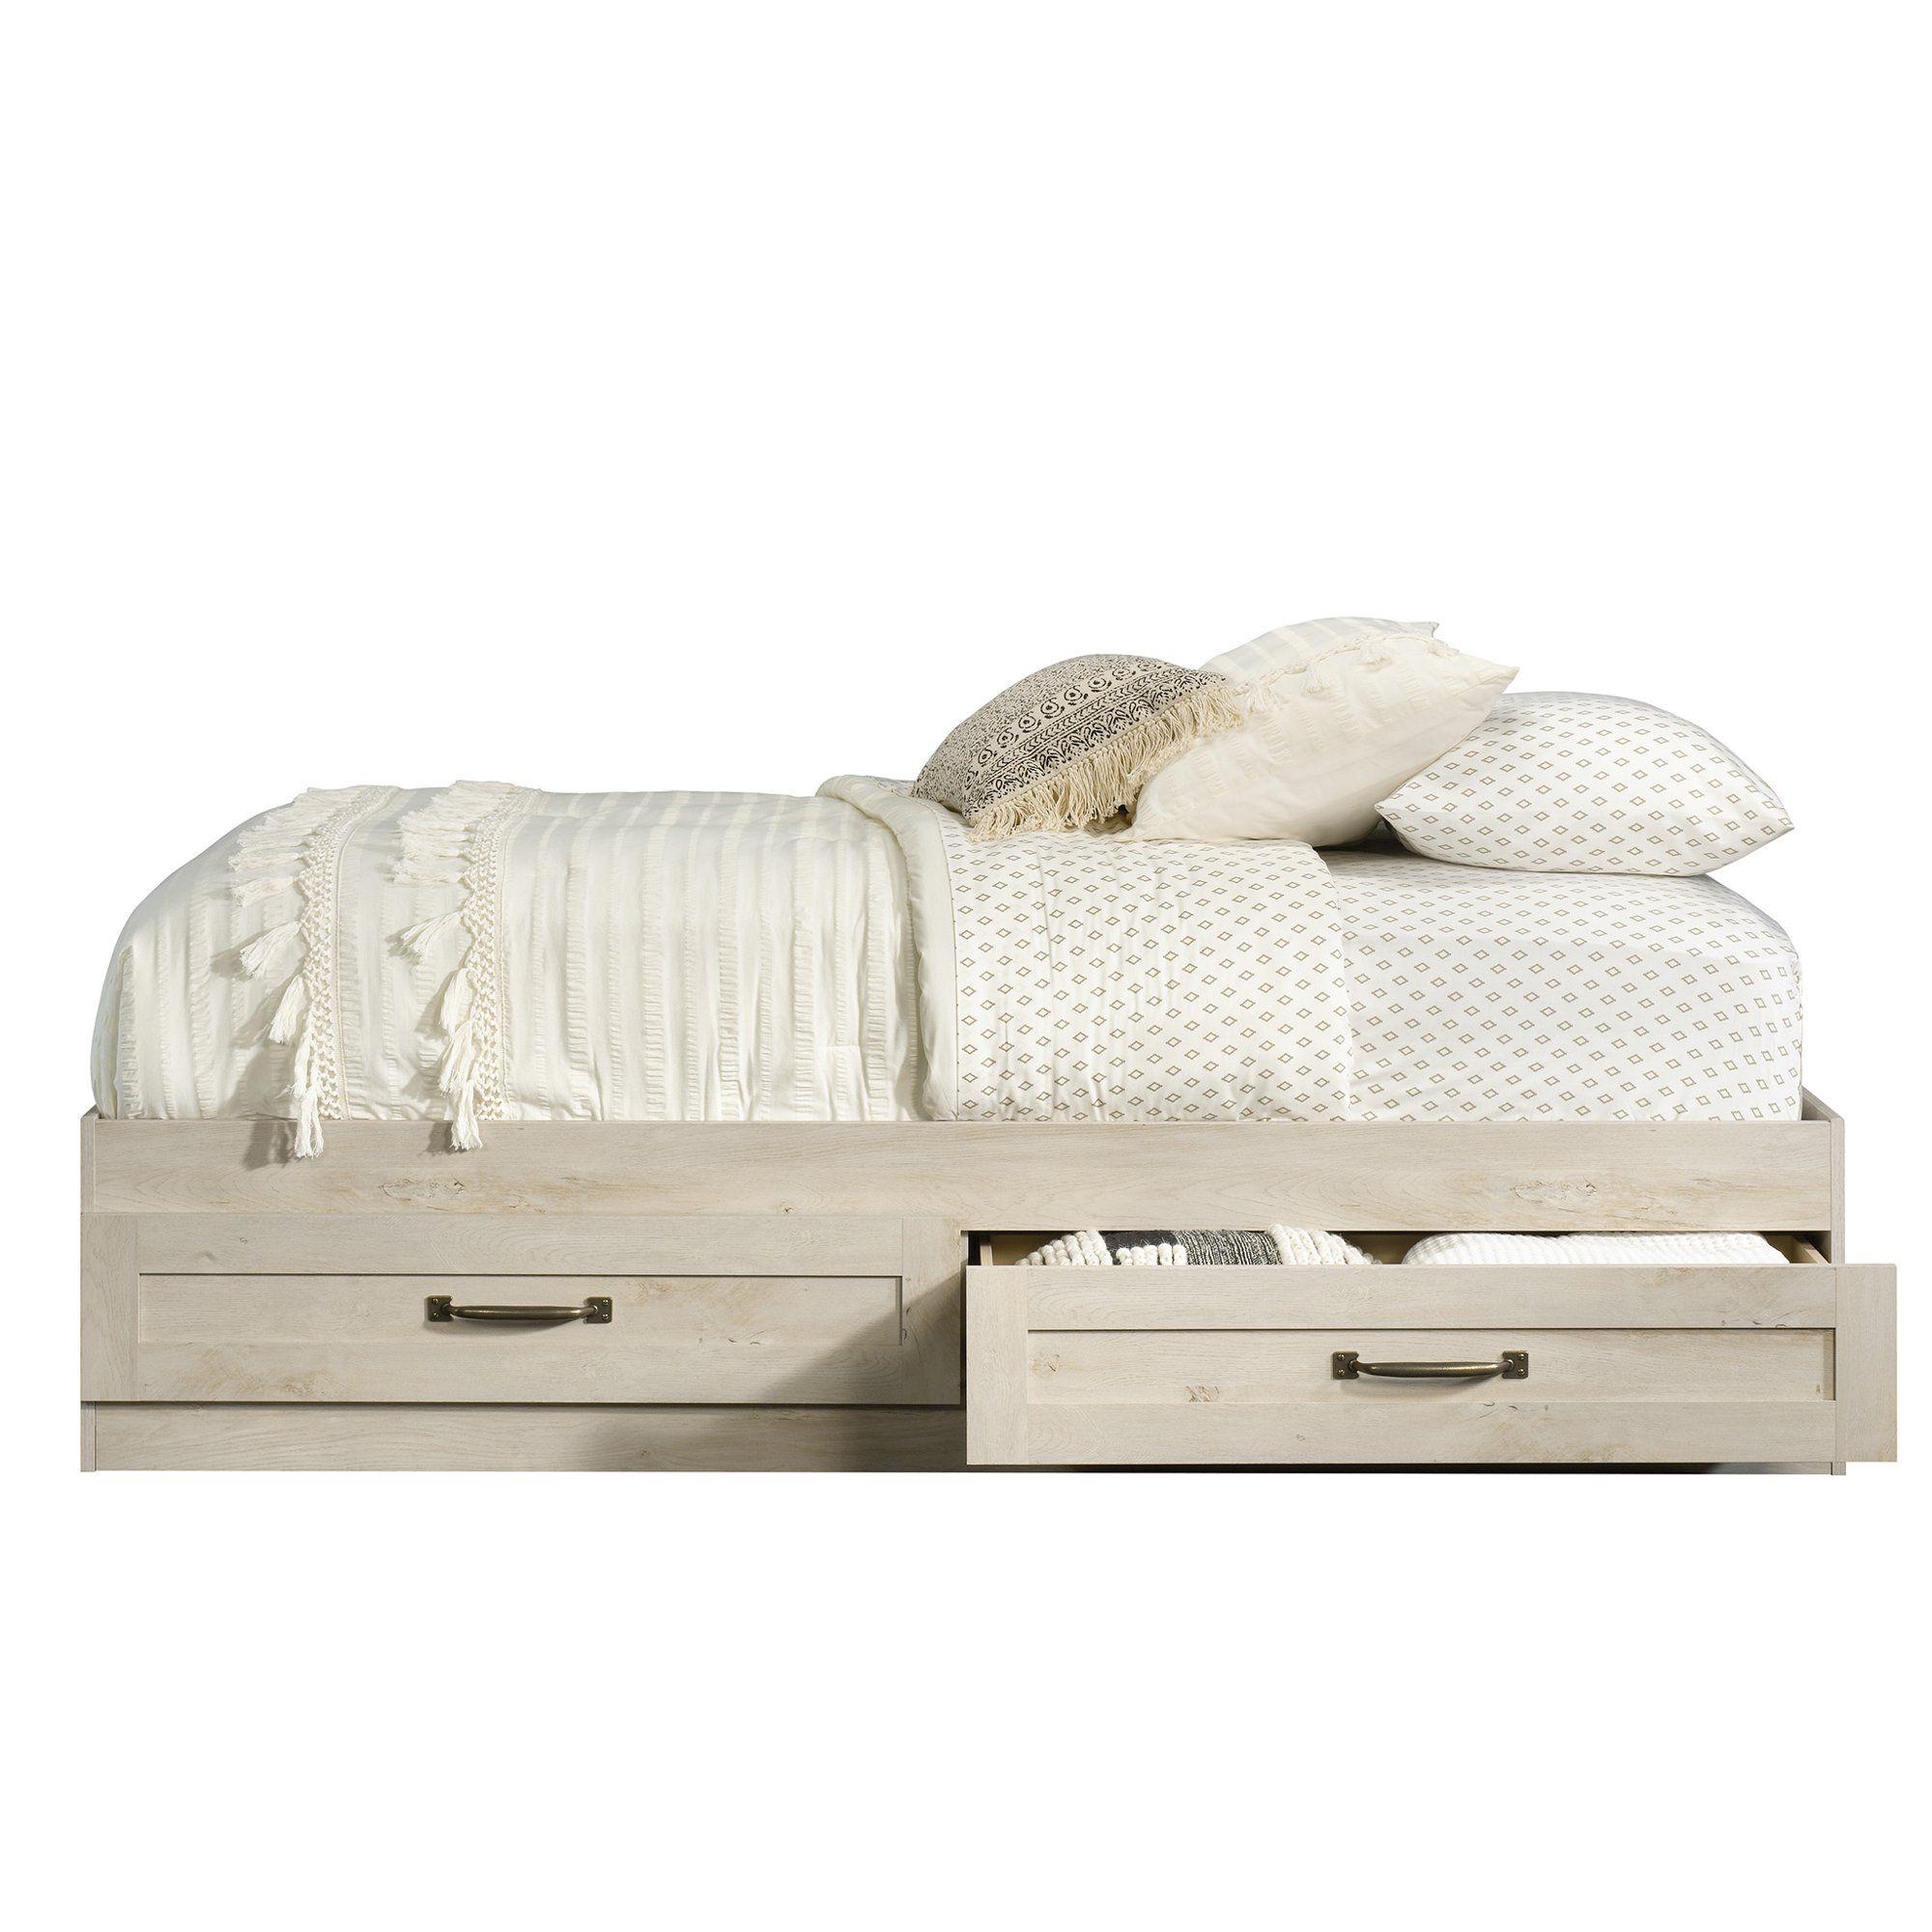 90ed9f28178d328b07e514592f1afe03 - Better Homes And Gardens Aberdeen Bedding Quilt